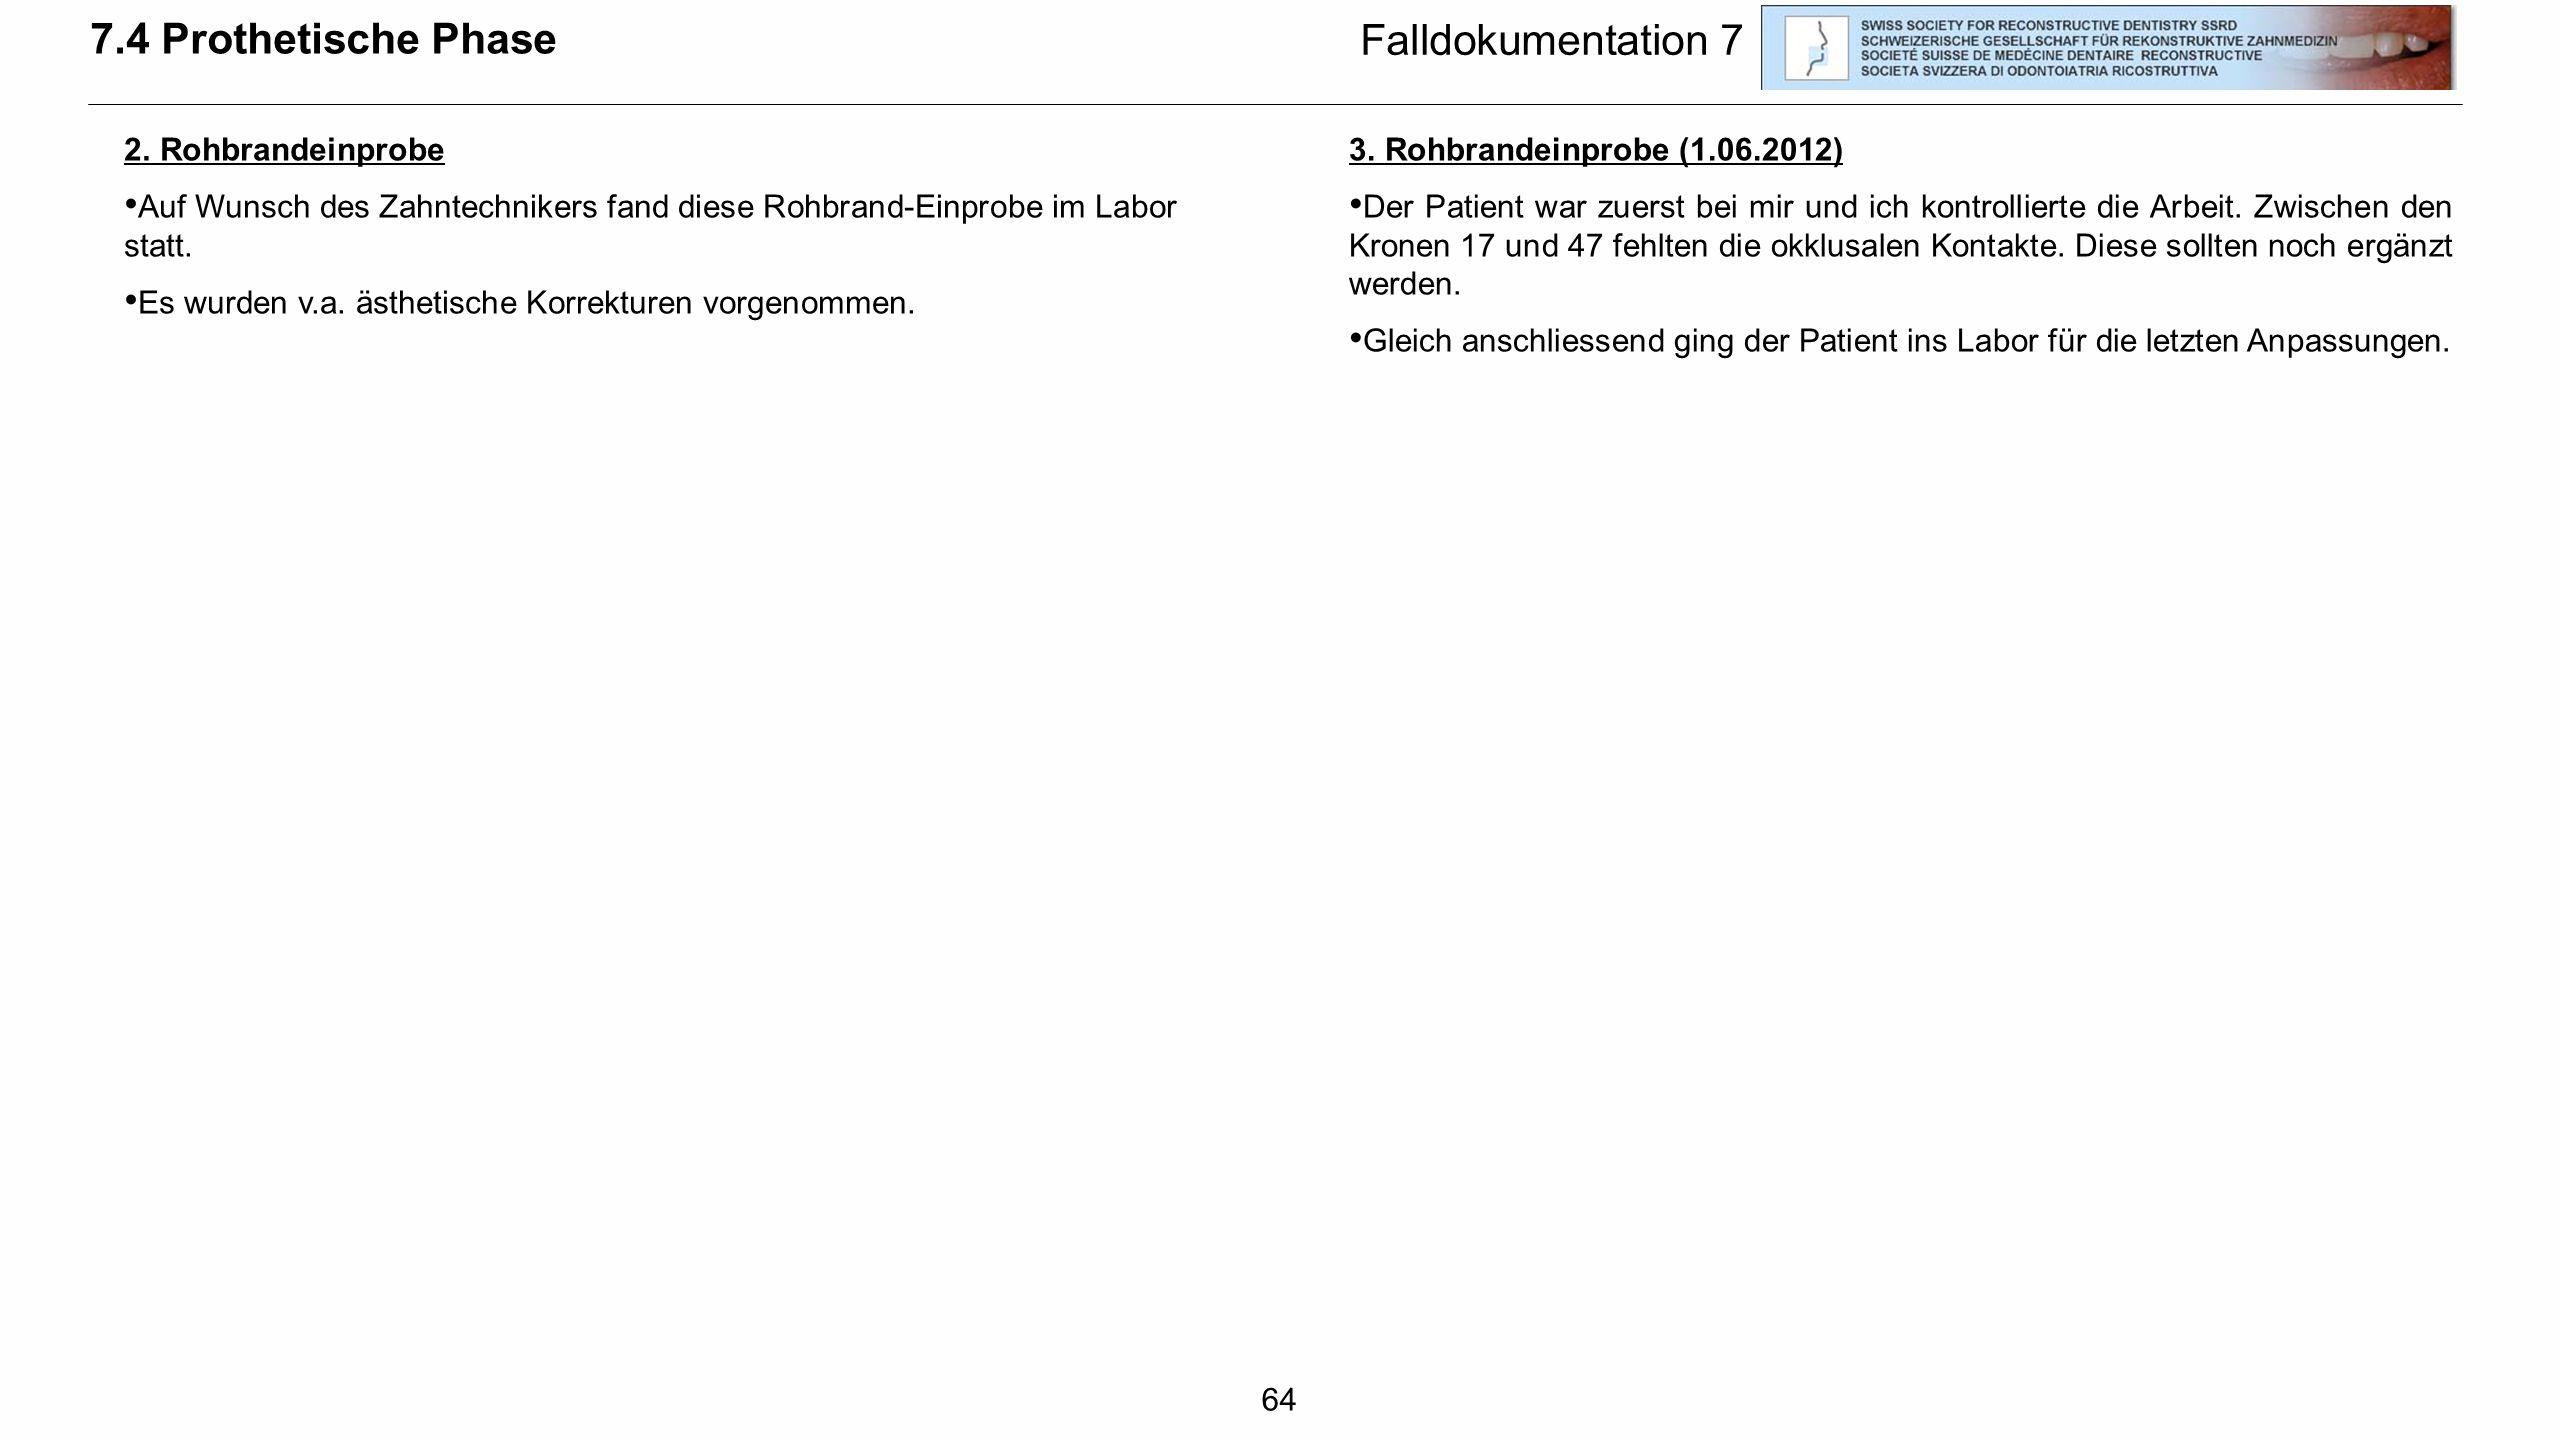 64 Falldokumentation 7 2. Rohbrandeinprobe Auf Wunsch des Zahntechnikers fand diese Rohbrand-Einprobe im Labor statt. Es wurden v.a. ästhetische Korre